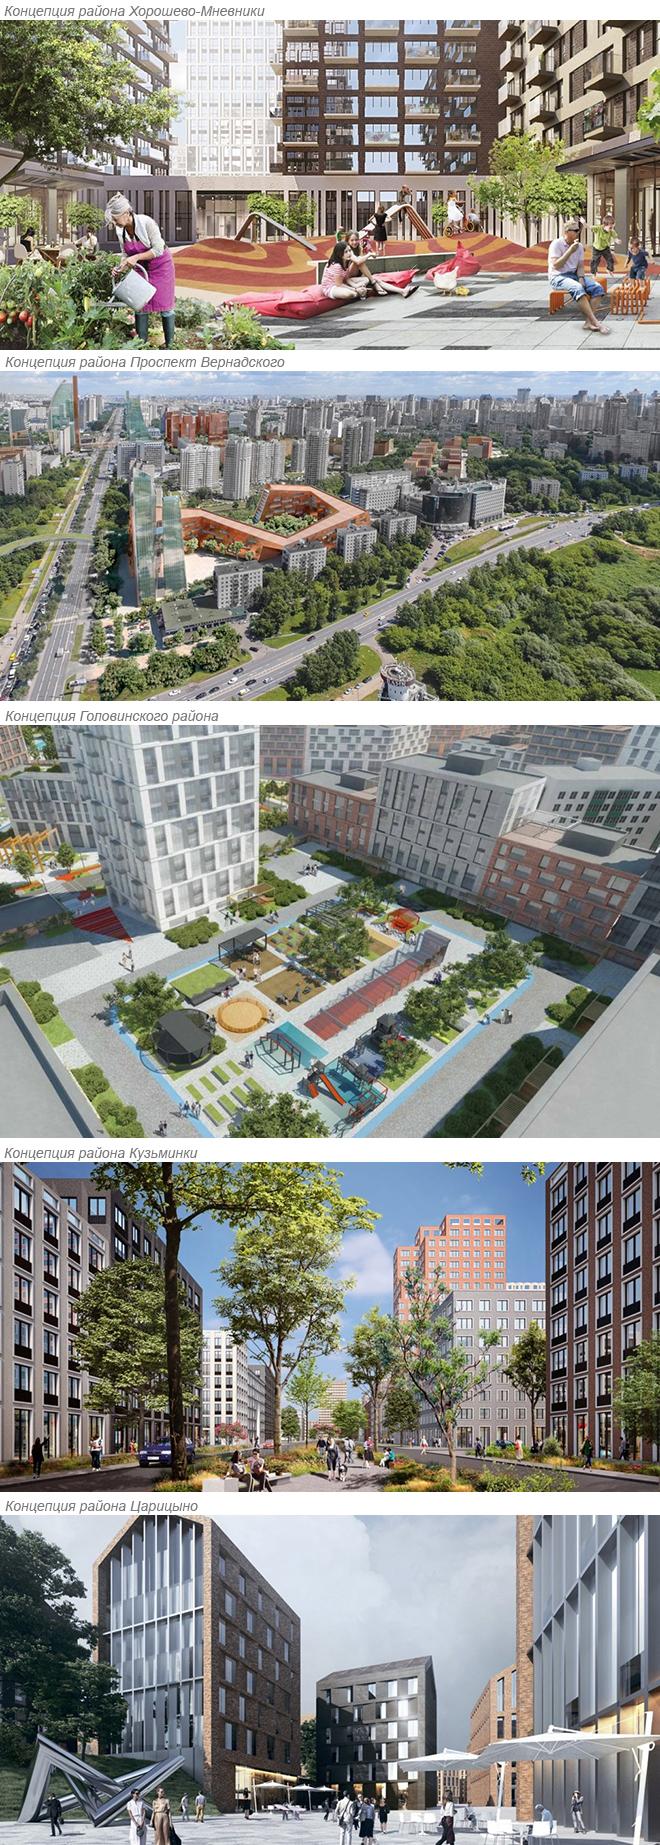 Концепции районов архитектурного конкурса